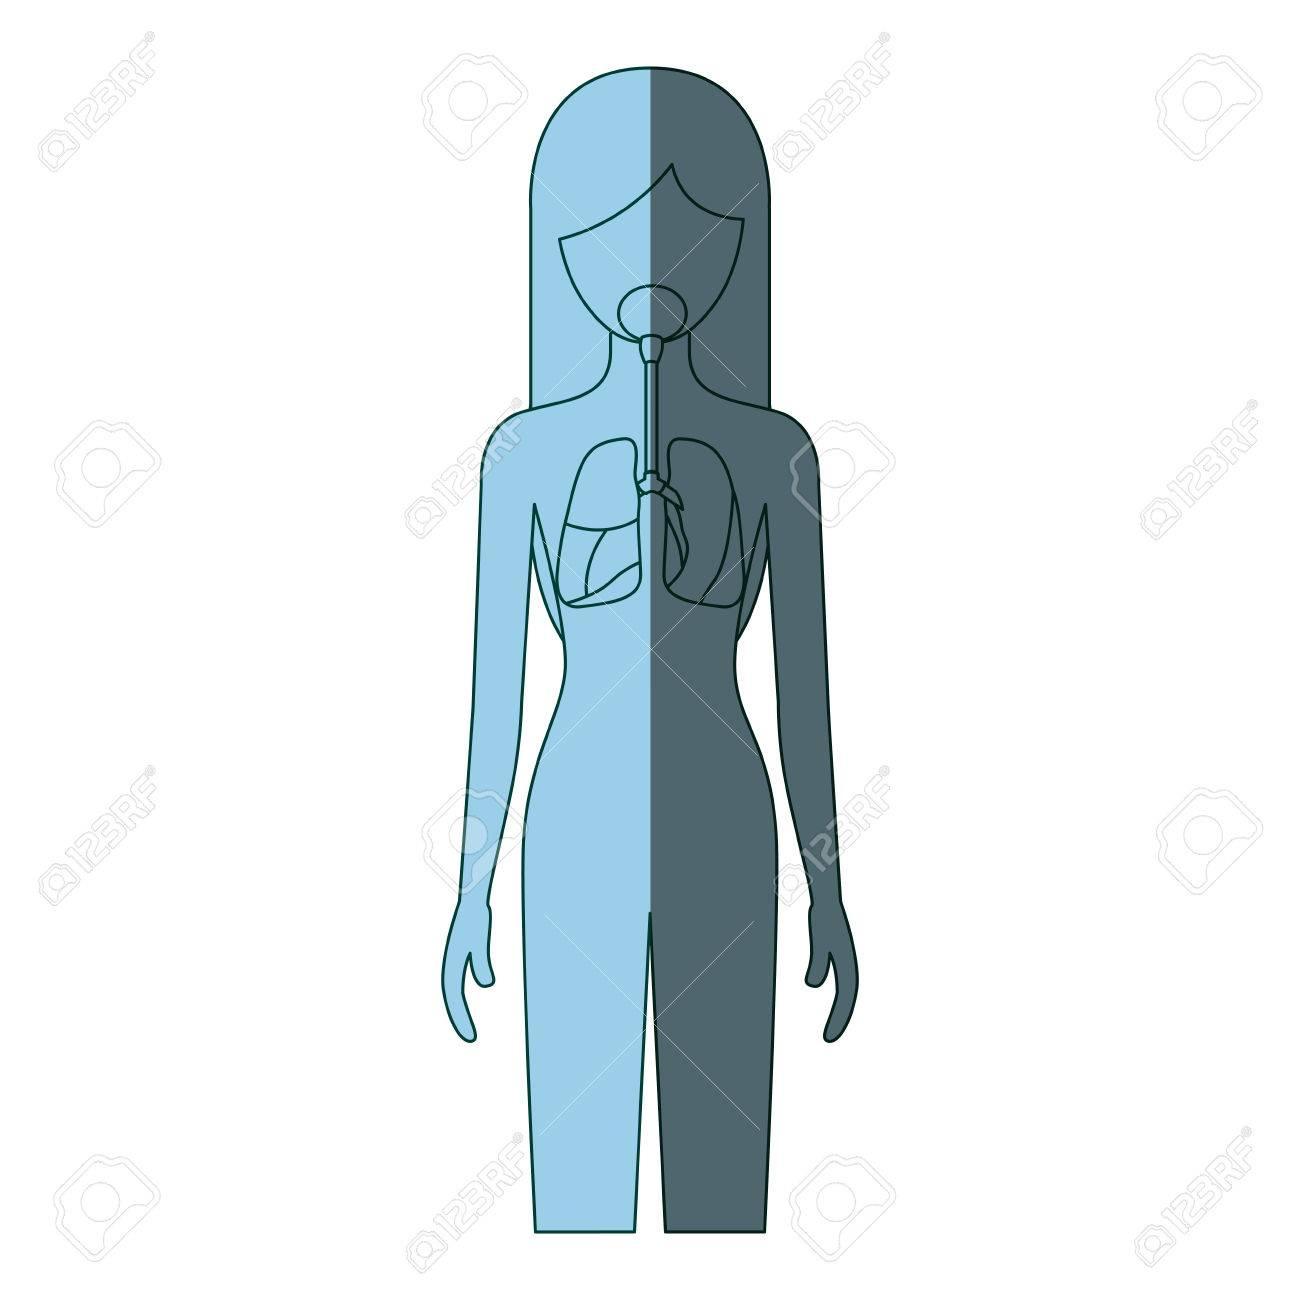 Blaue Farbschattierung Silhouette Weibliche Person Mit Menschlichen ...